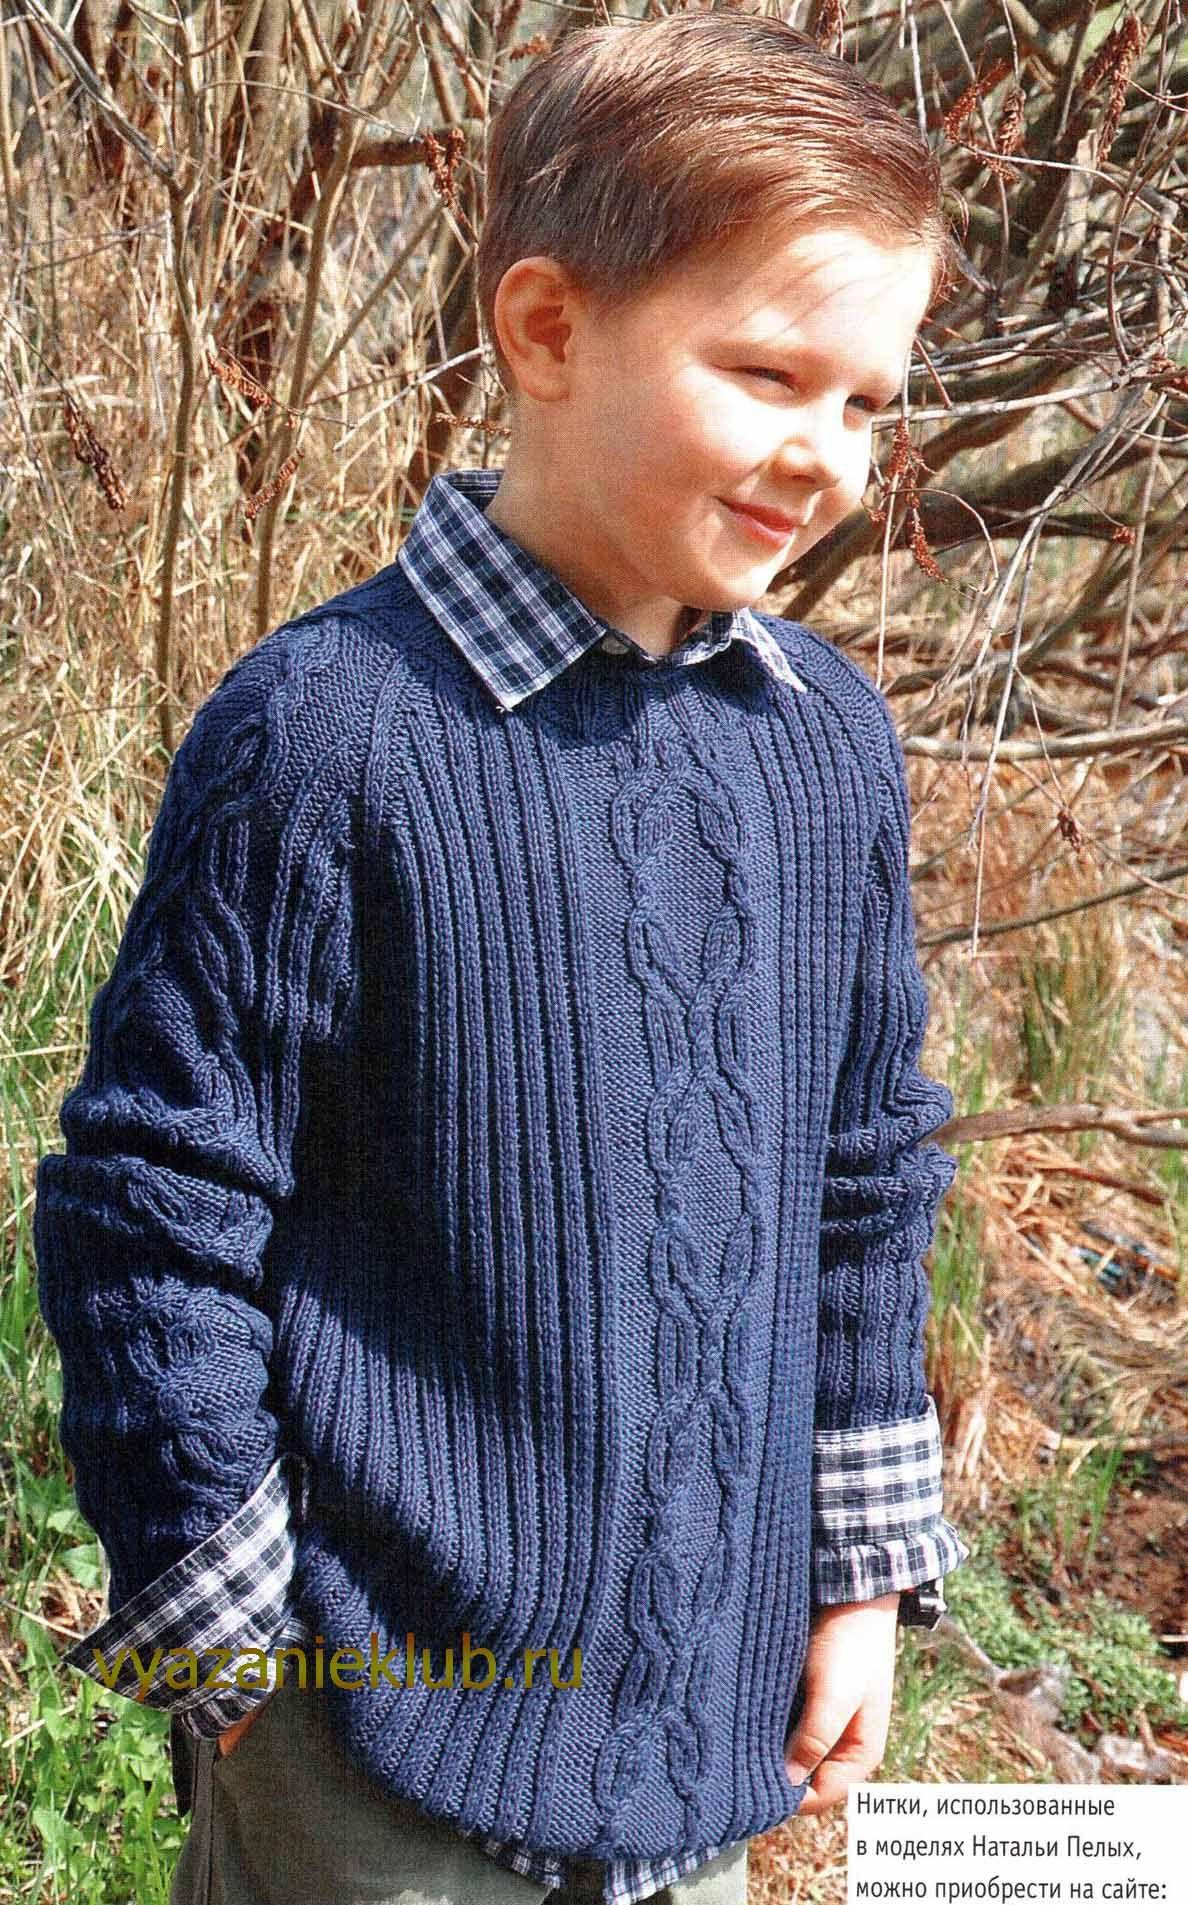 Свитер для мальчика 7-8 лет - Для мальчиков - Каталог файлов - Вязание для детей